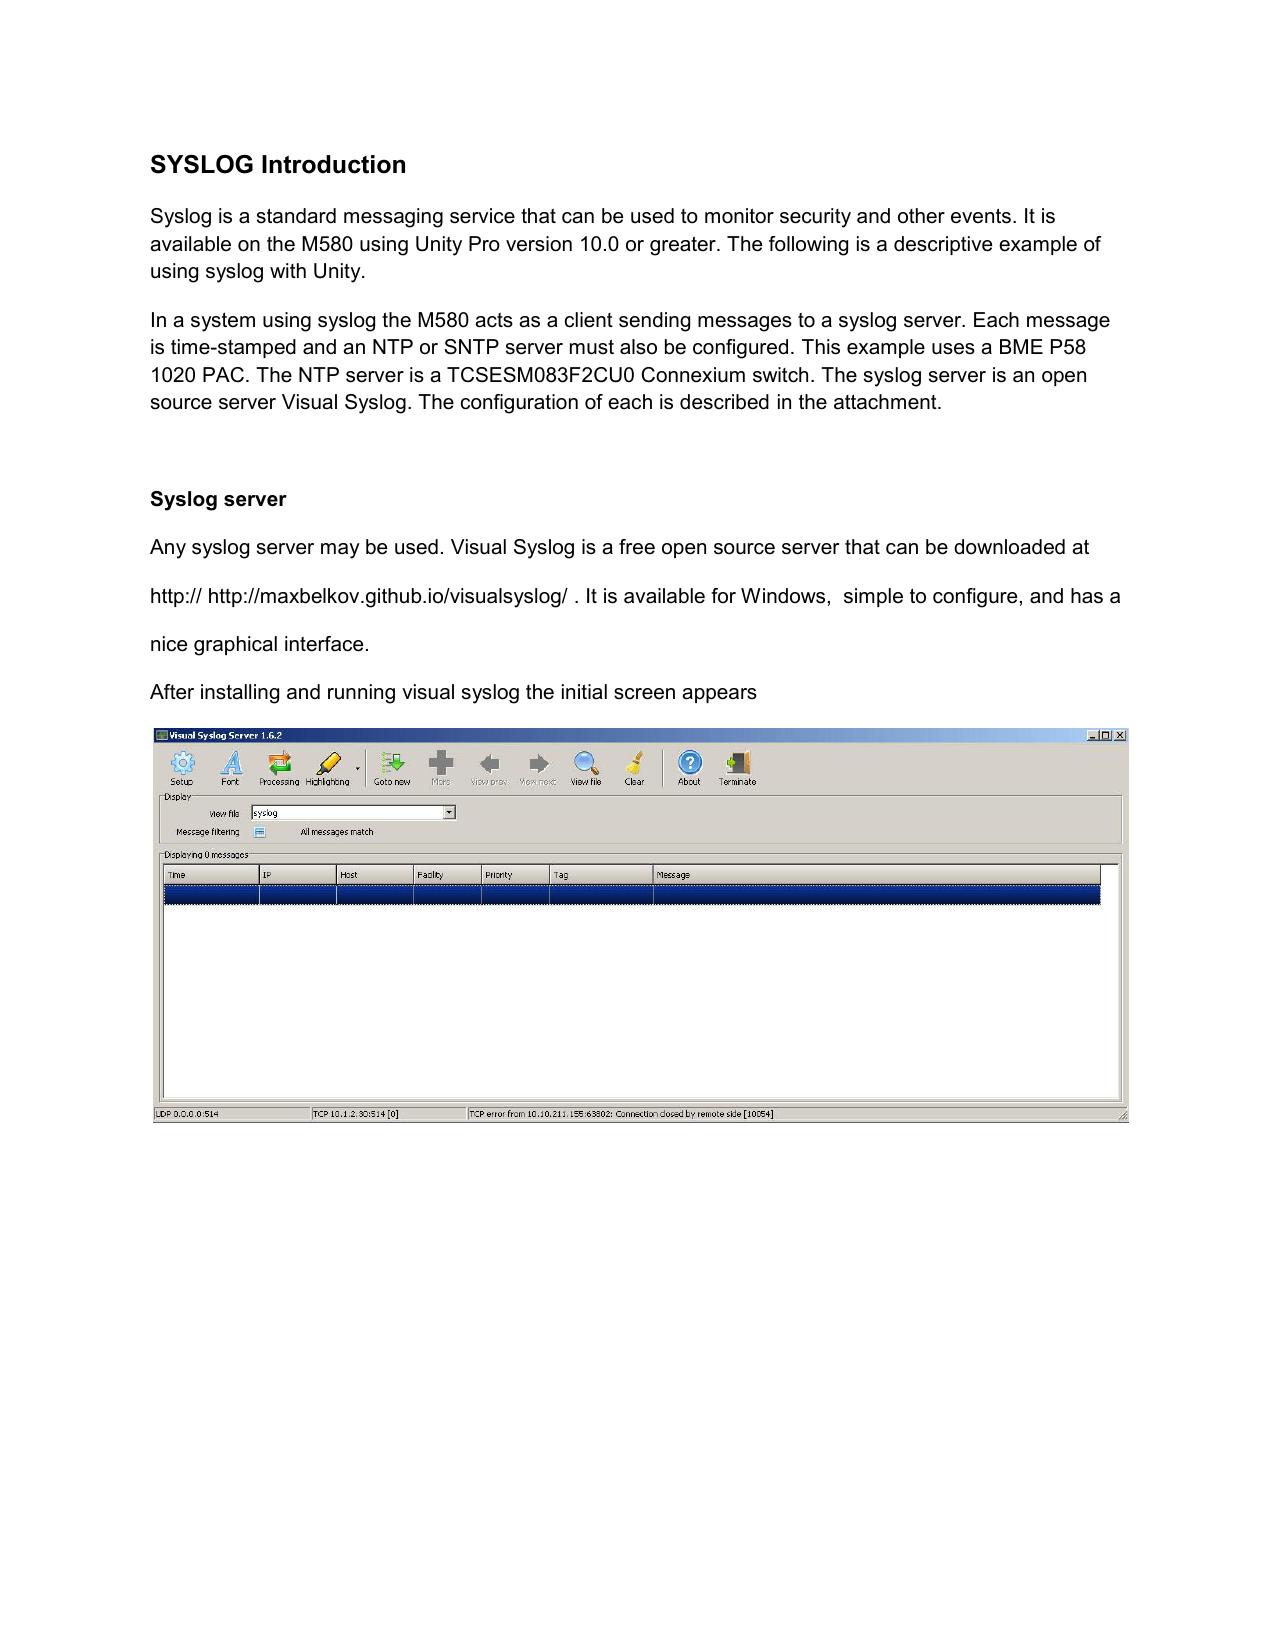 SYSLOG Introduction - Schneider Electric   manualzz com